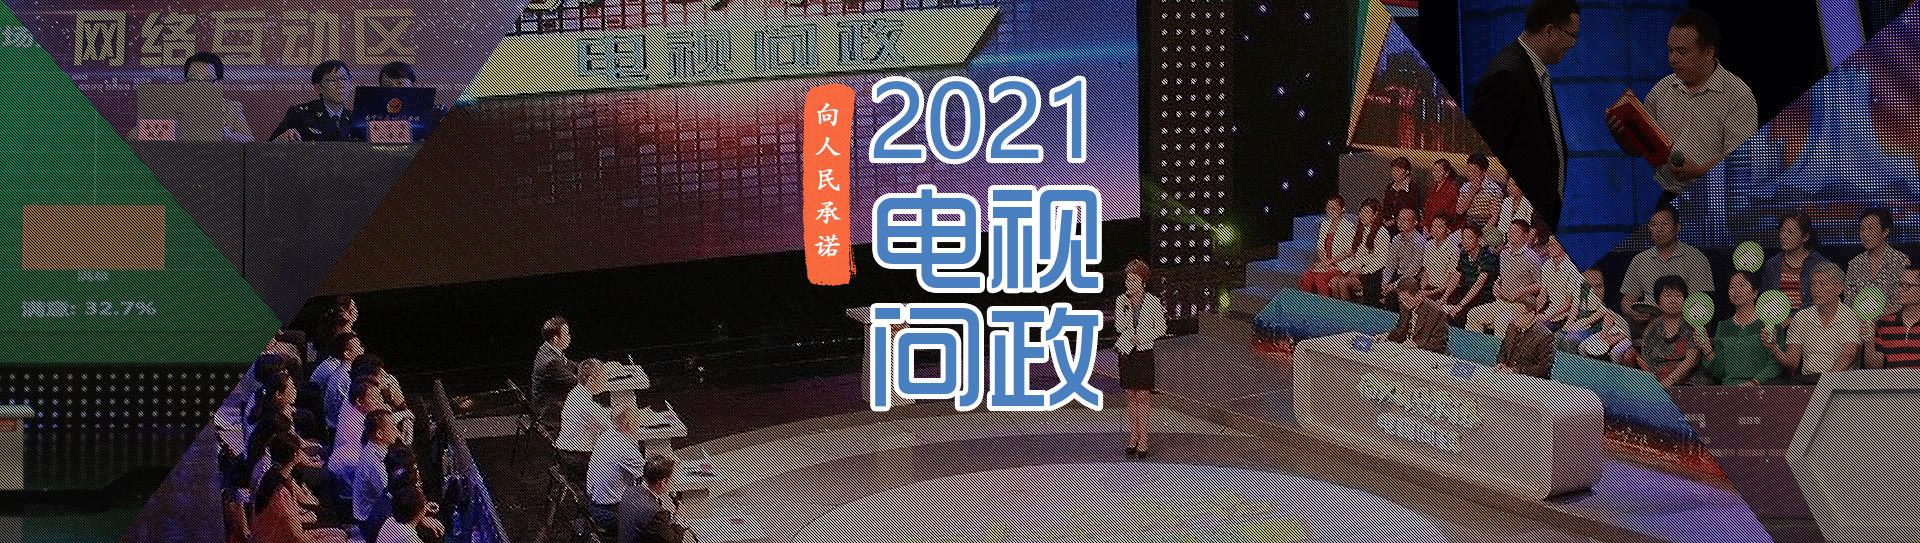 2021《向人民承诺——电视问政》